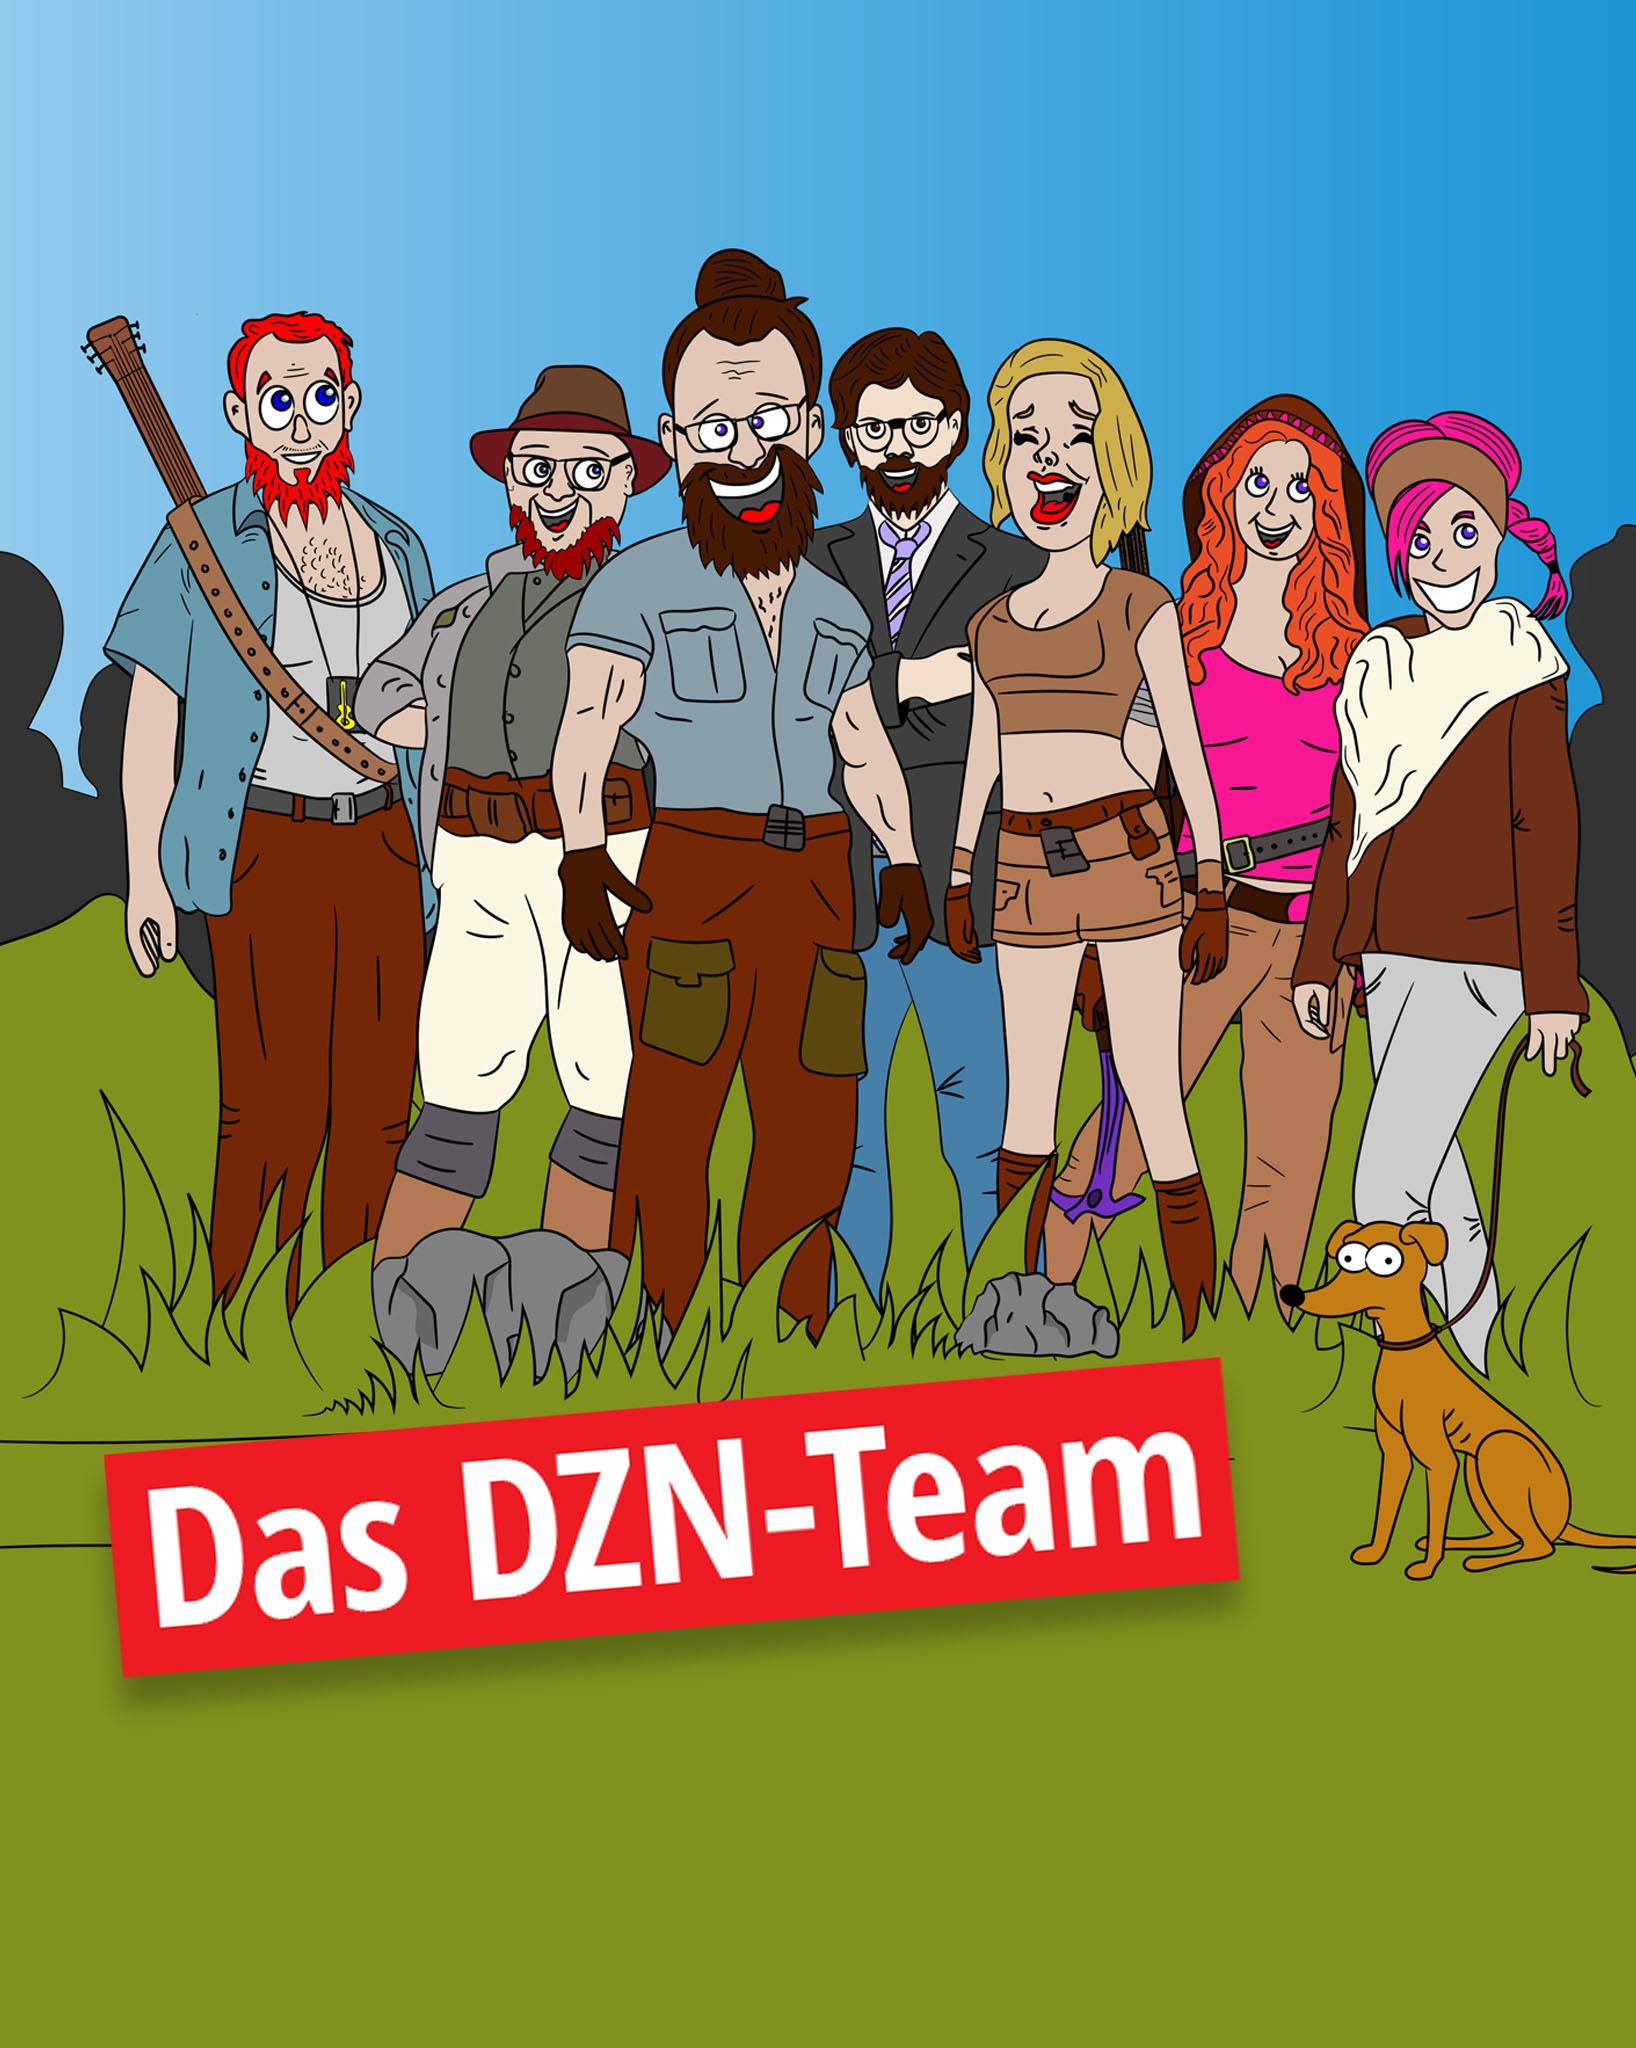 Das DZN Team